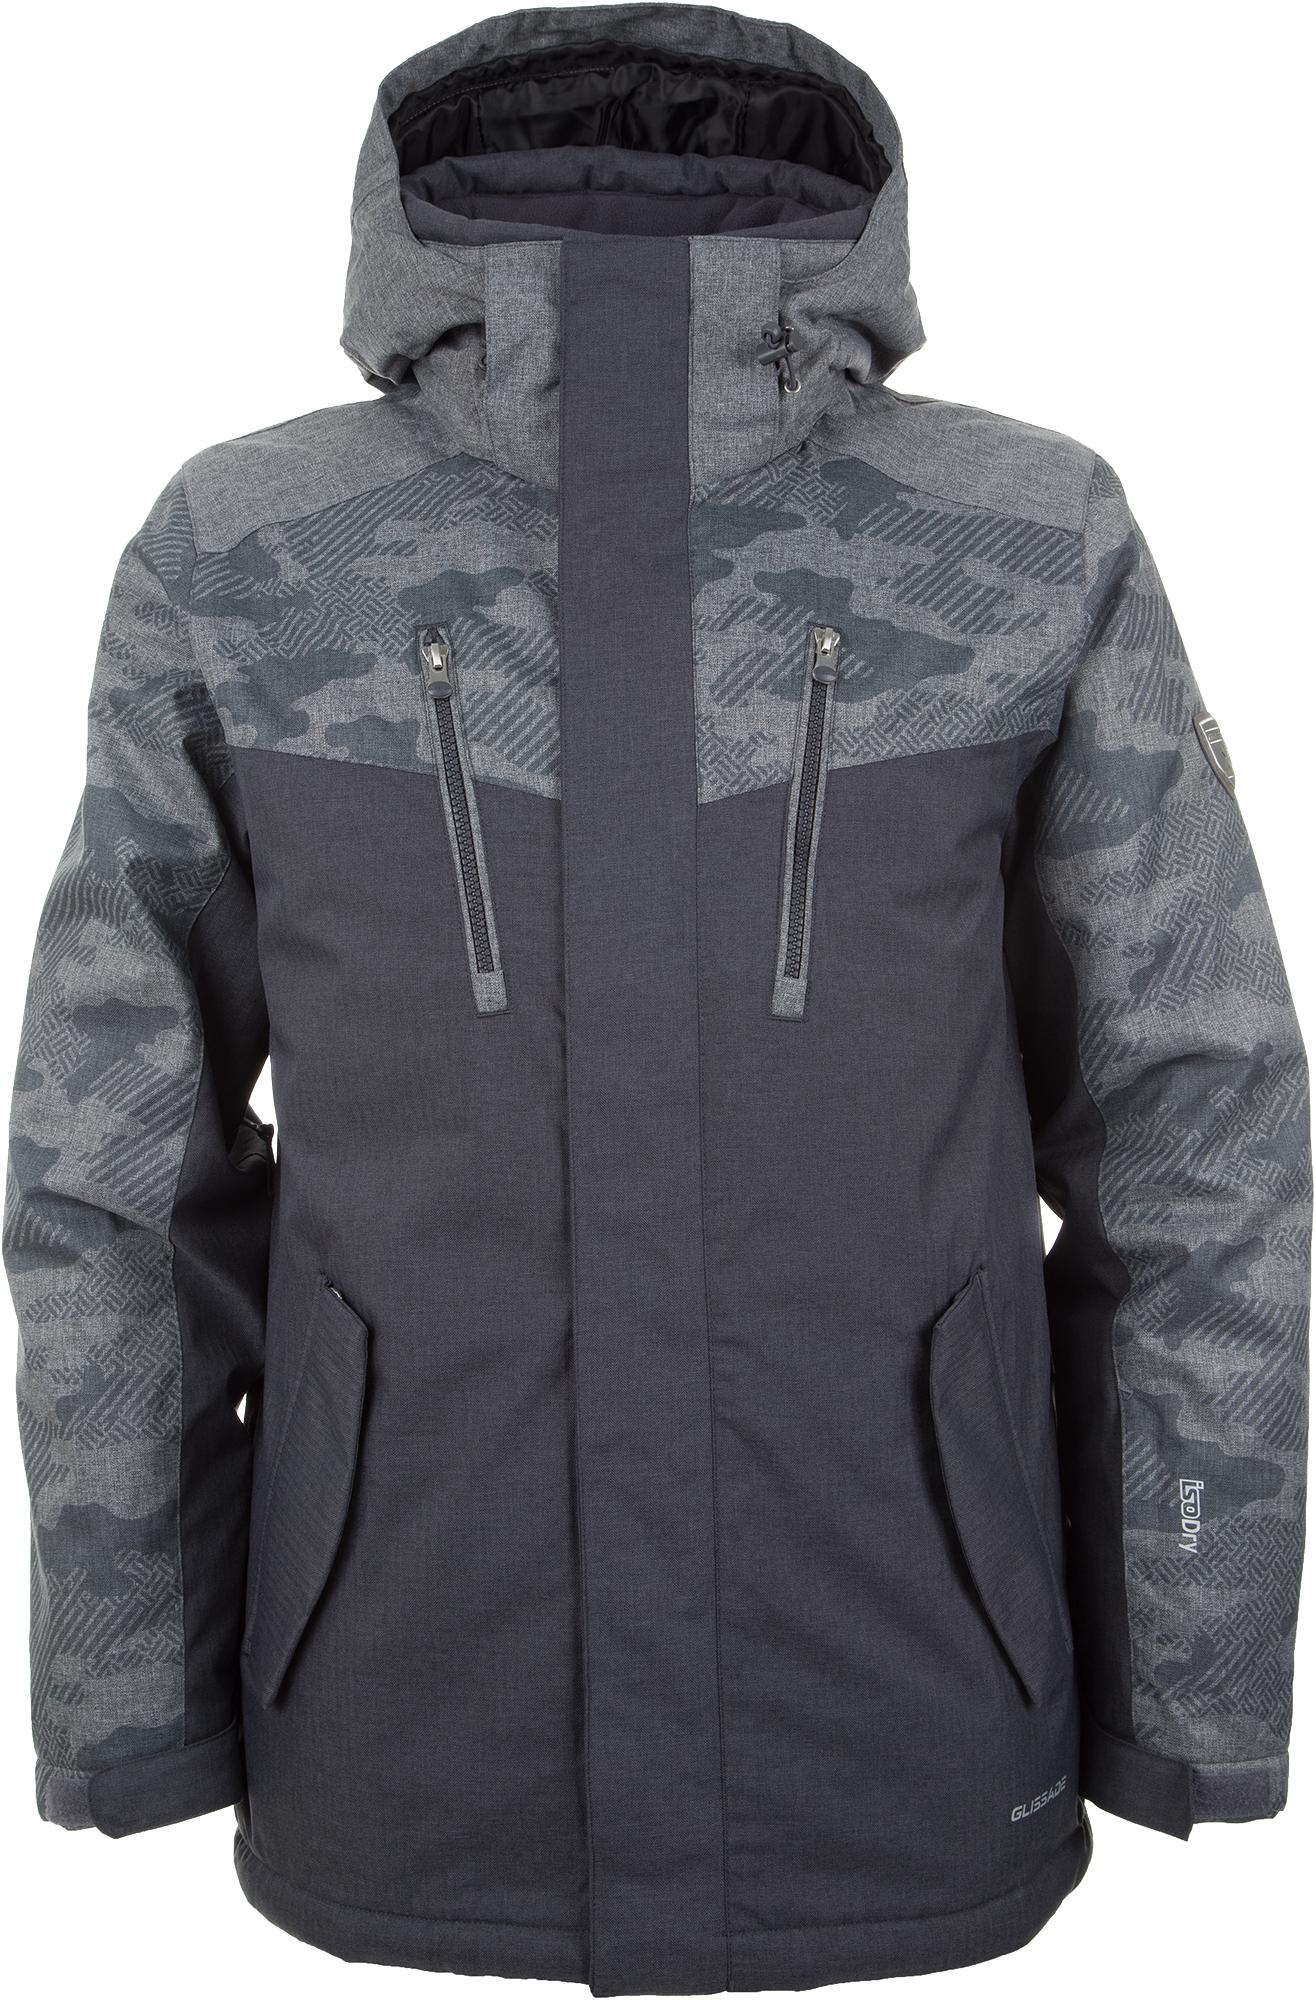 Glissade Куртка утепленная мужская Glissade, размер 56-58